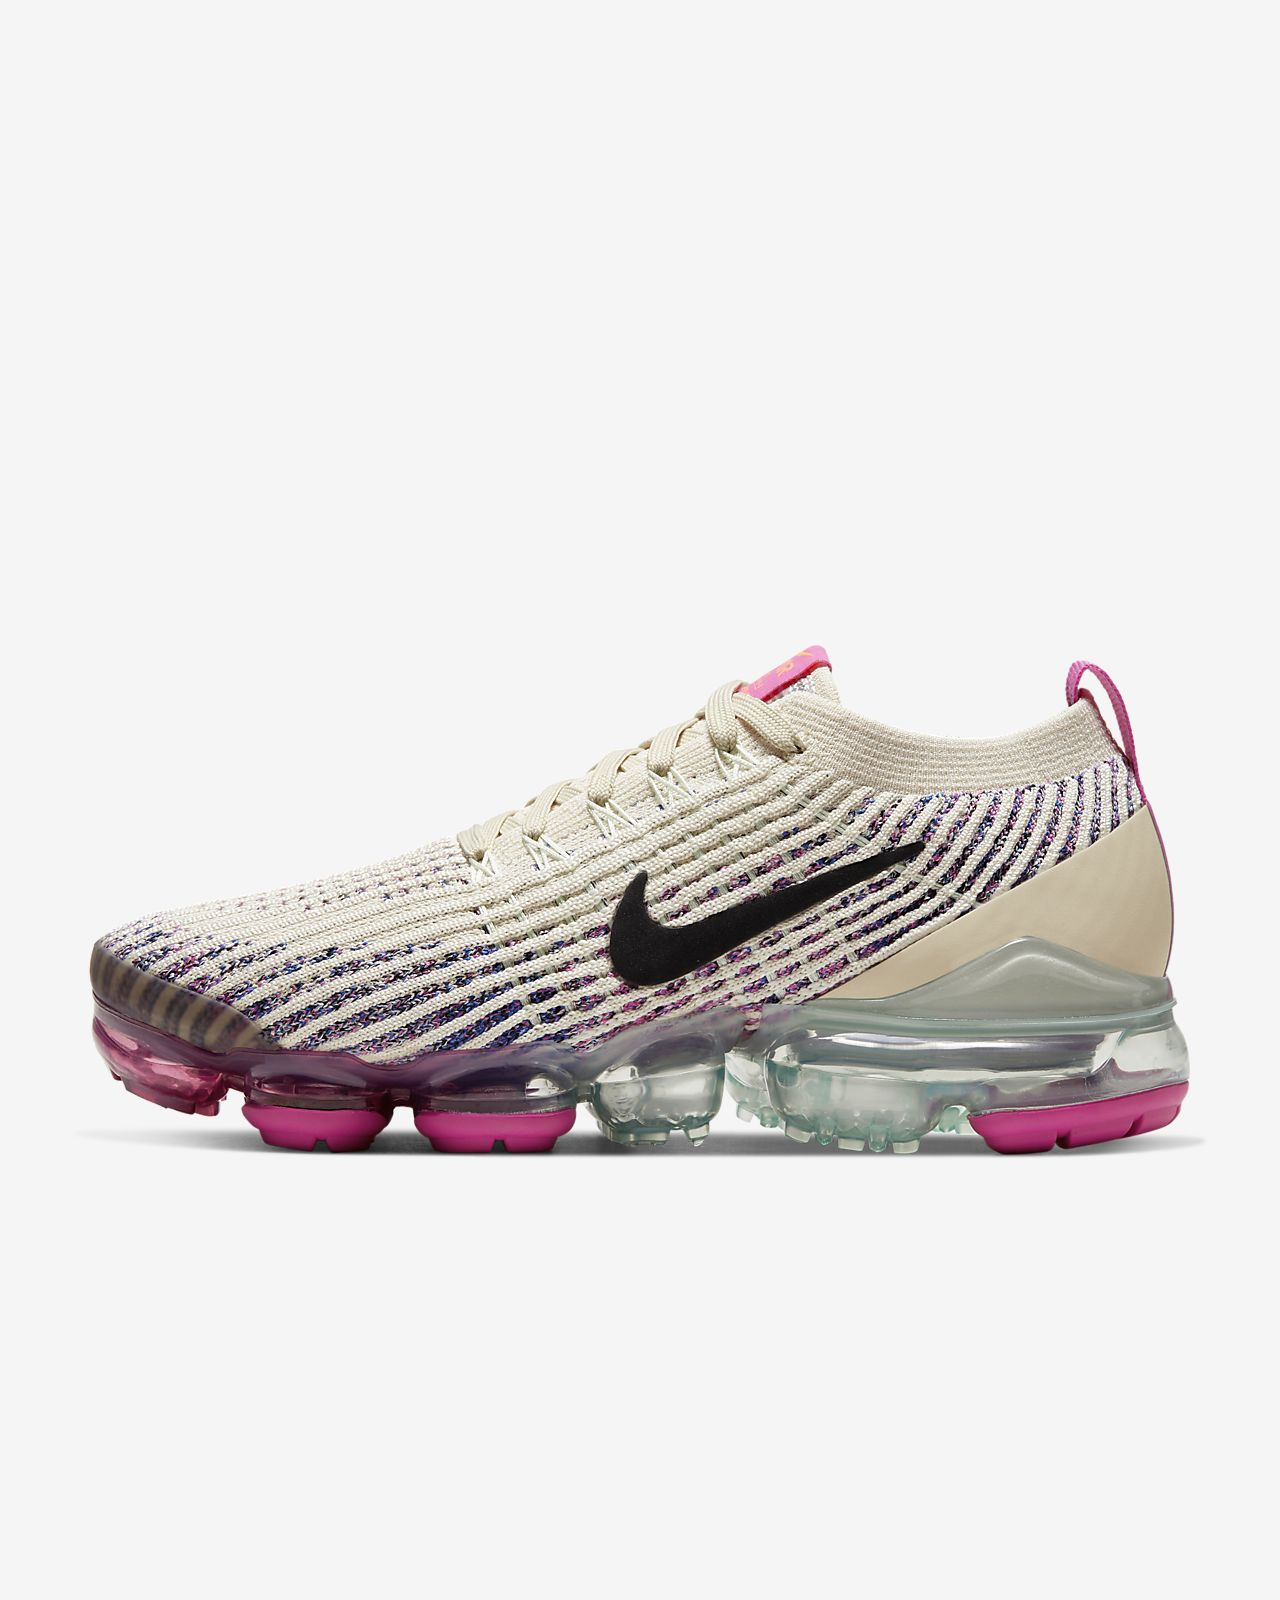 chaussure vapormax nike femme